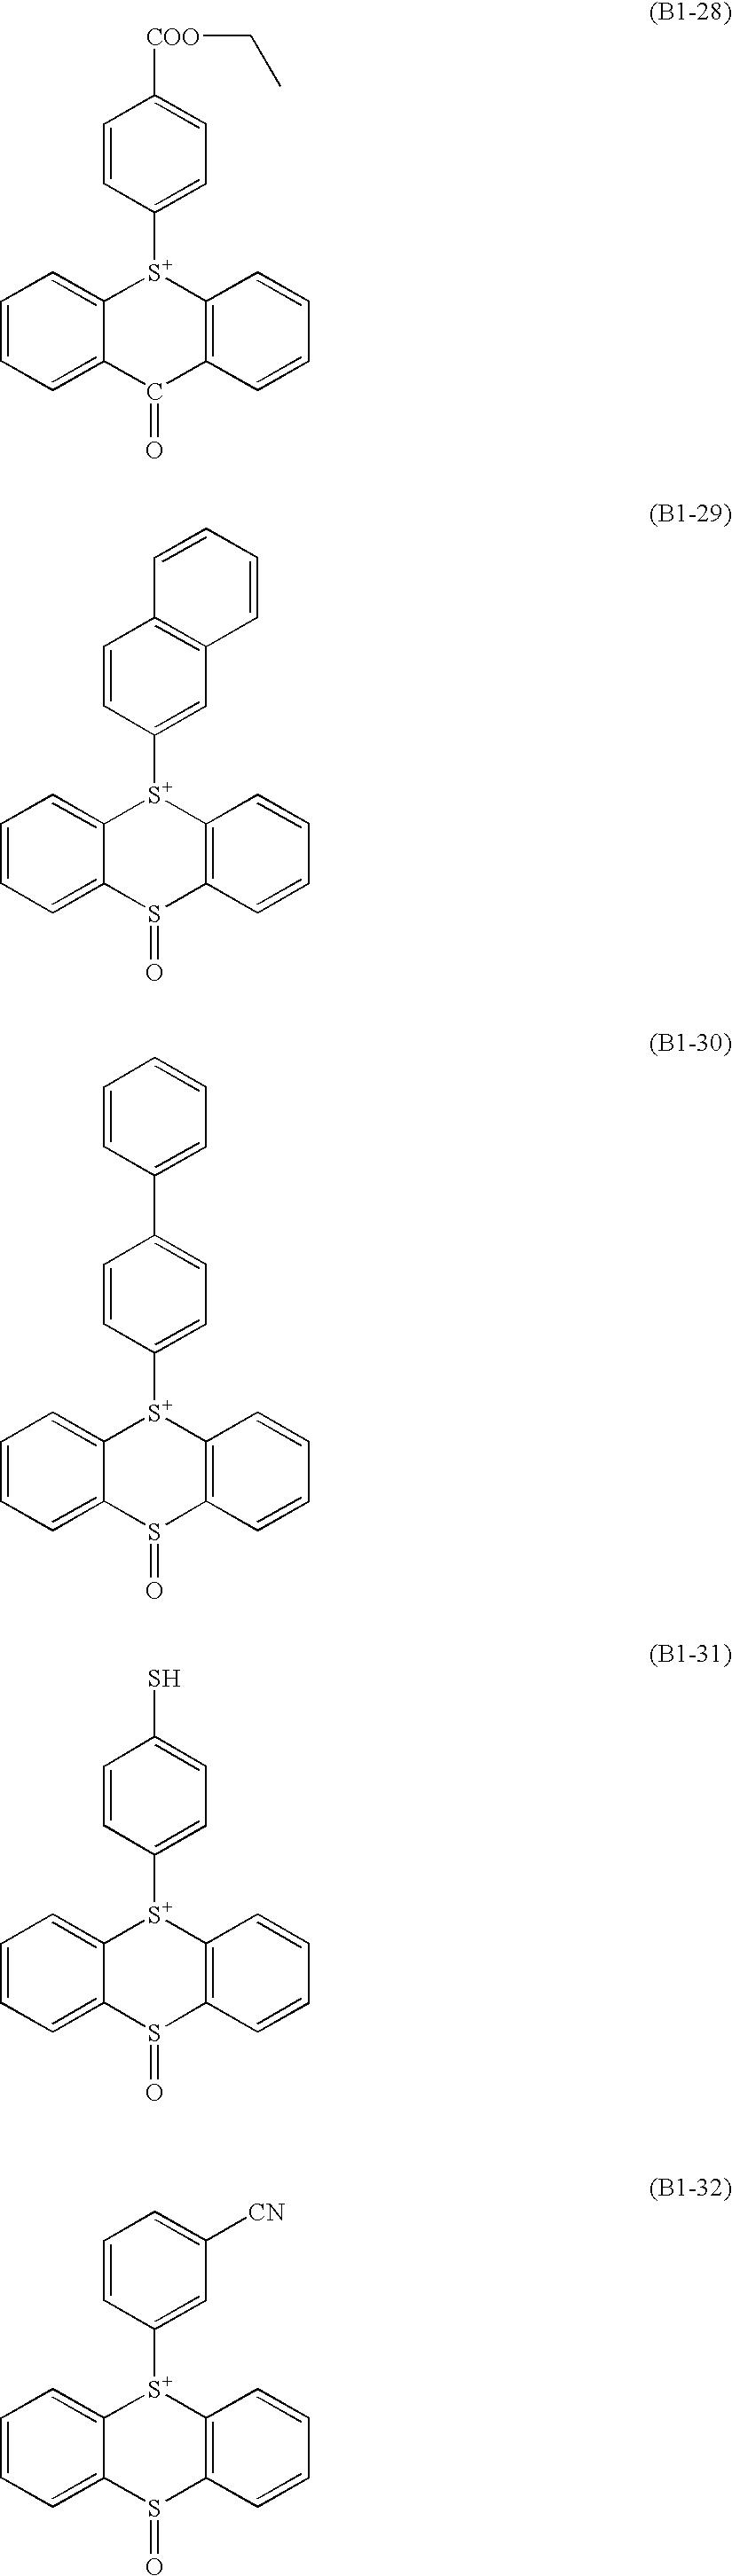 Figure US08852845-20141007-C00015